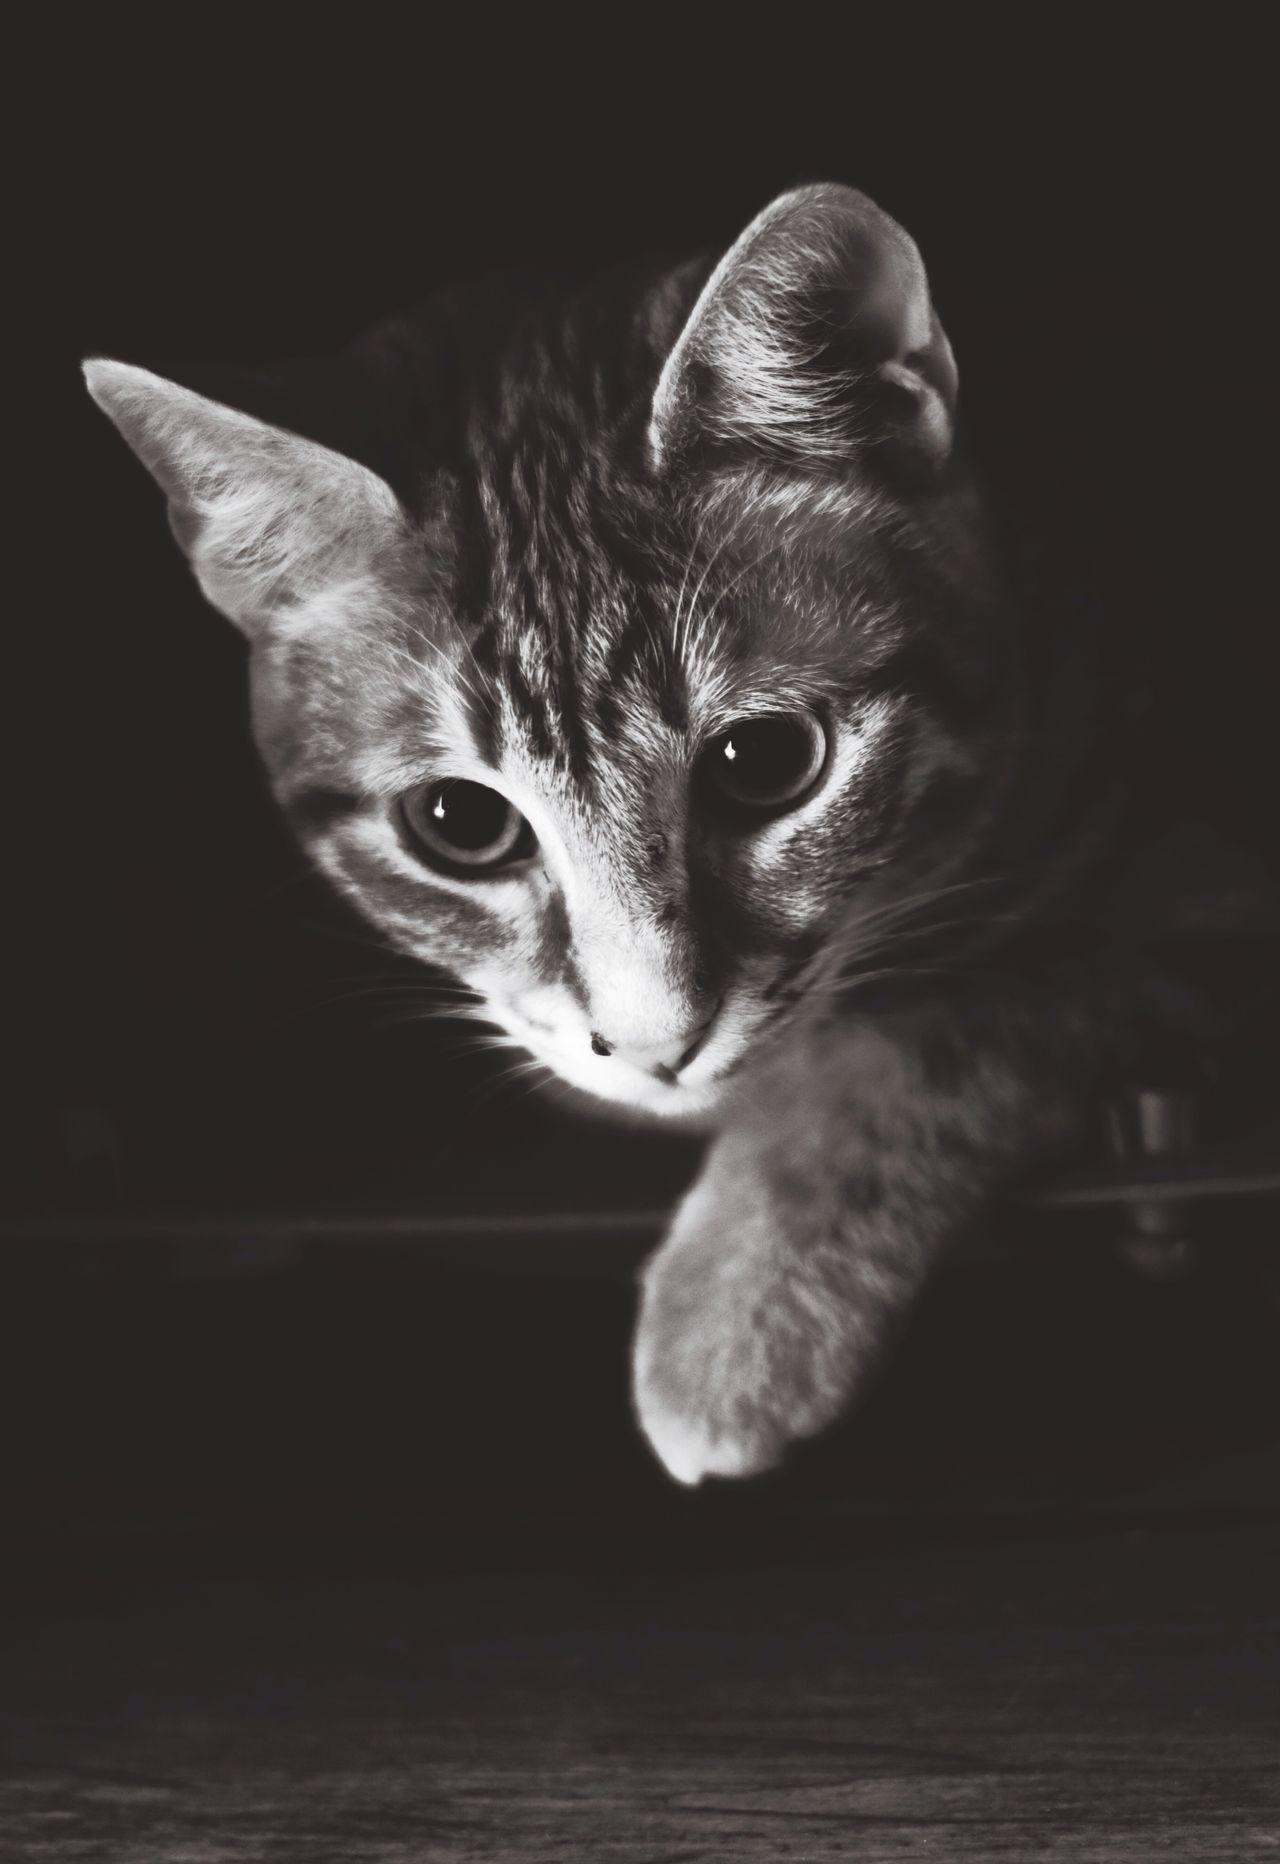 Domestic Cat One Animal Mammal Kitten Feline Meow Purr Kitty Portrait Pets Cat Cats